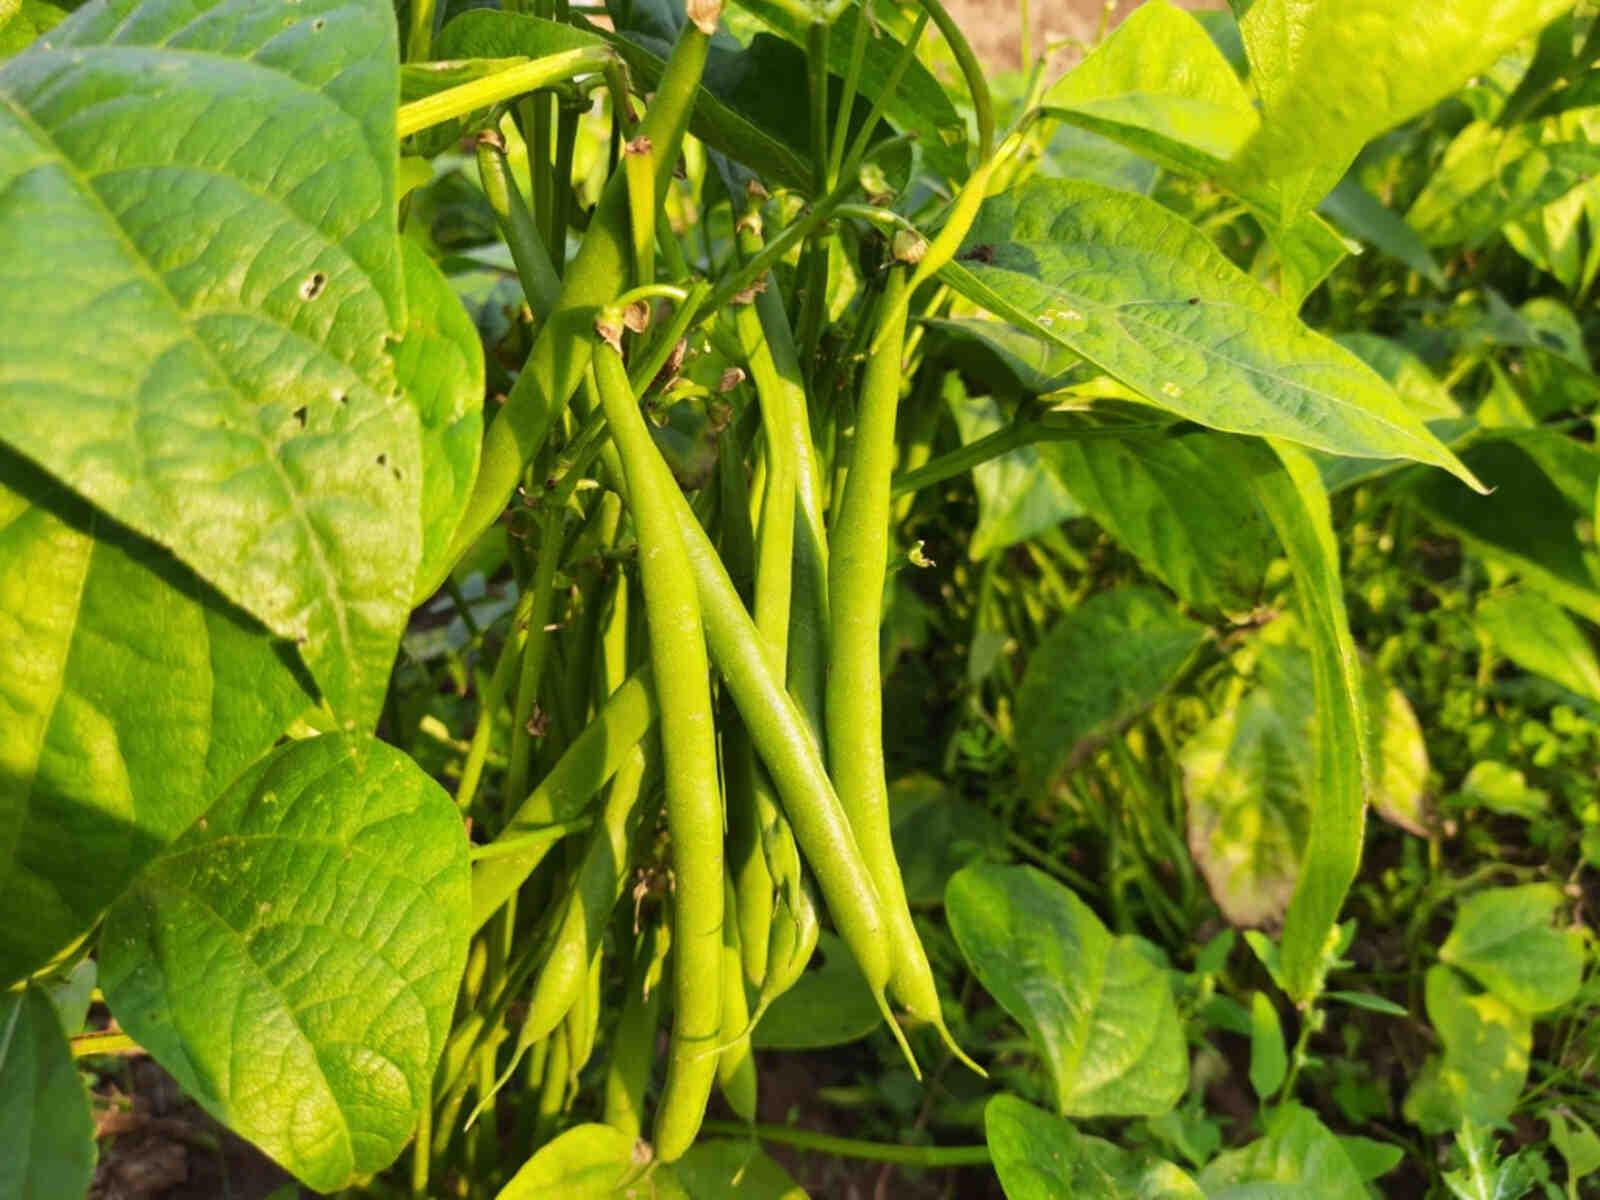 Comment faire pousser les haricots plus vite ?